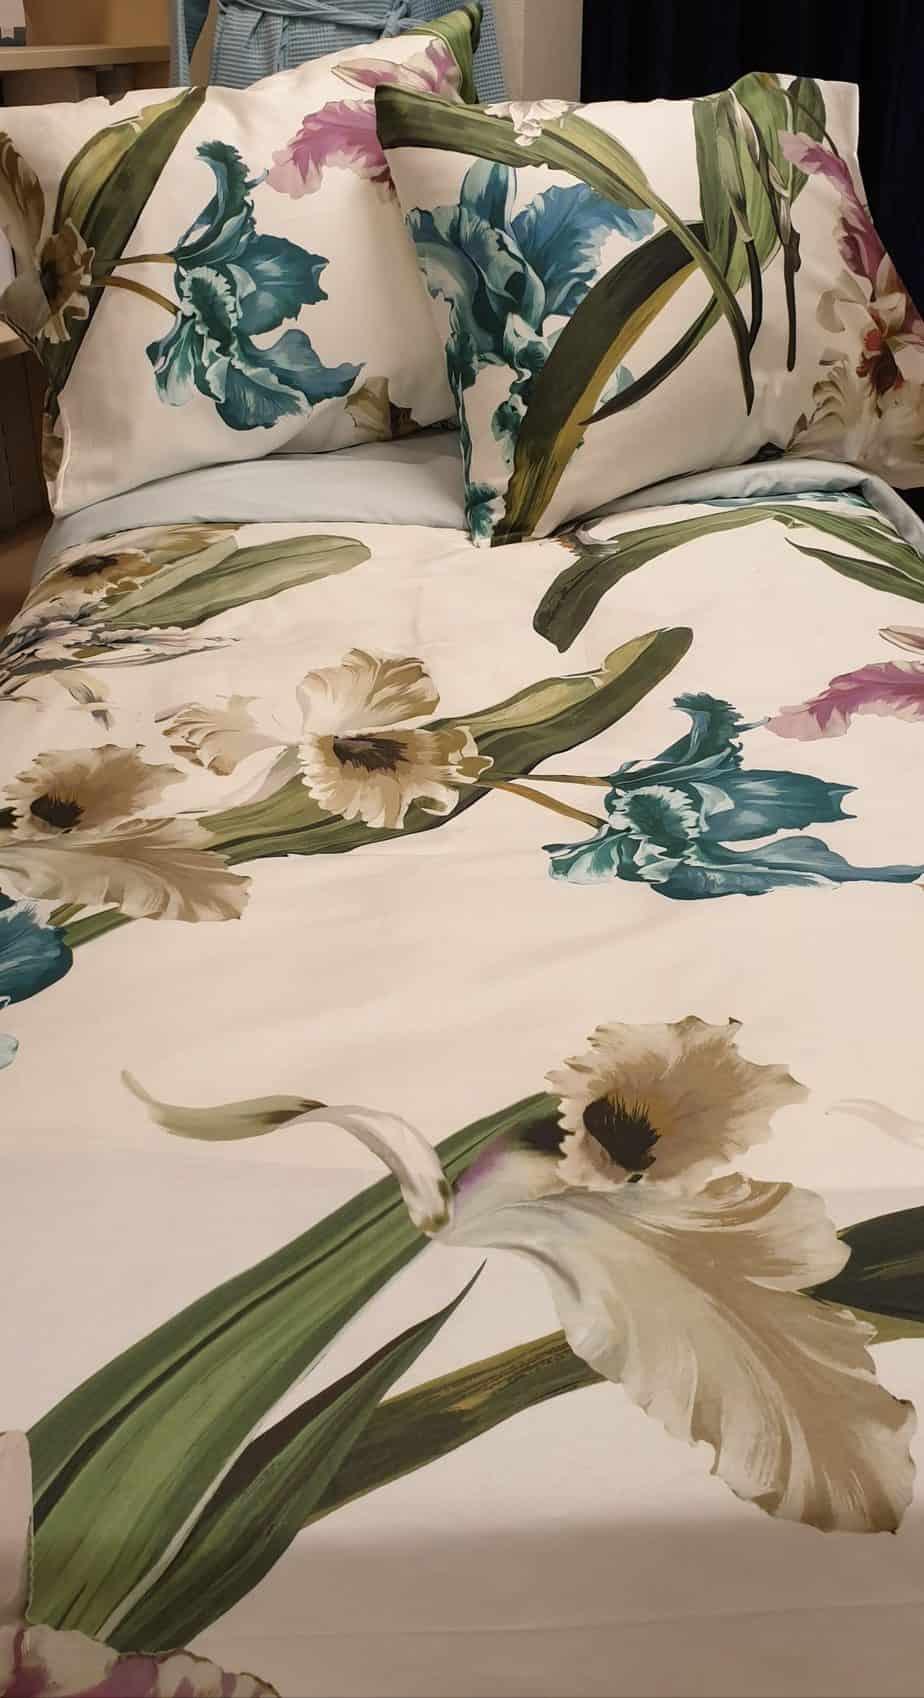 xe-dekbedovertrekken-iris-fazzini-belgium-design-bloemen-beddengoed